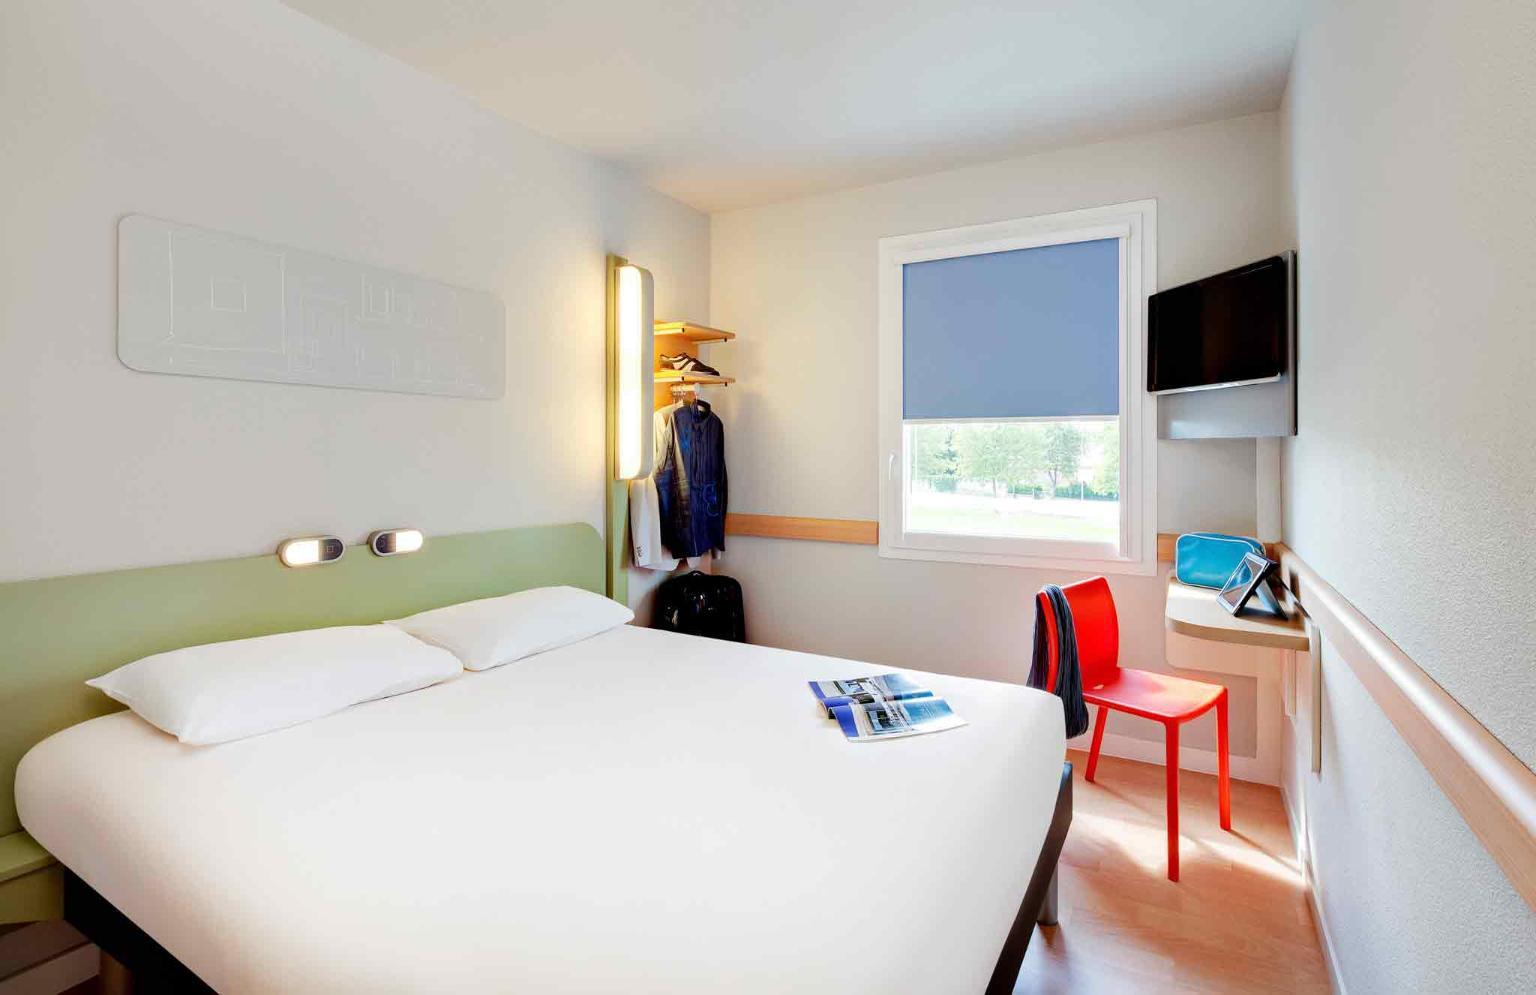 ibis budget Saint-Pourçain-sur-Sioule - Hôtel, ZAC LES JALFRETTES ...